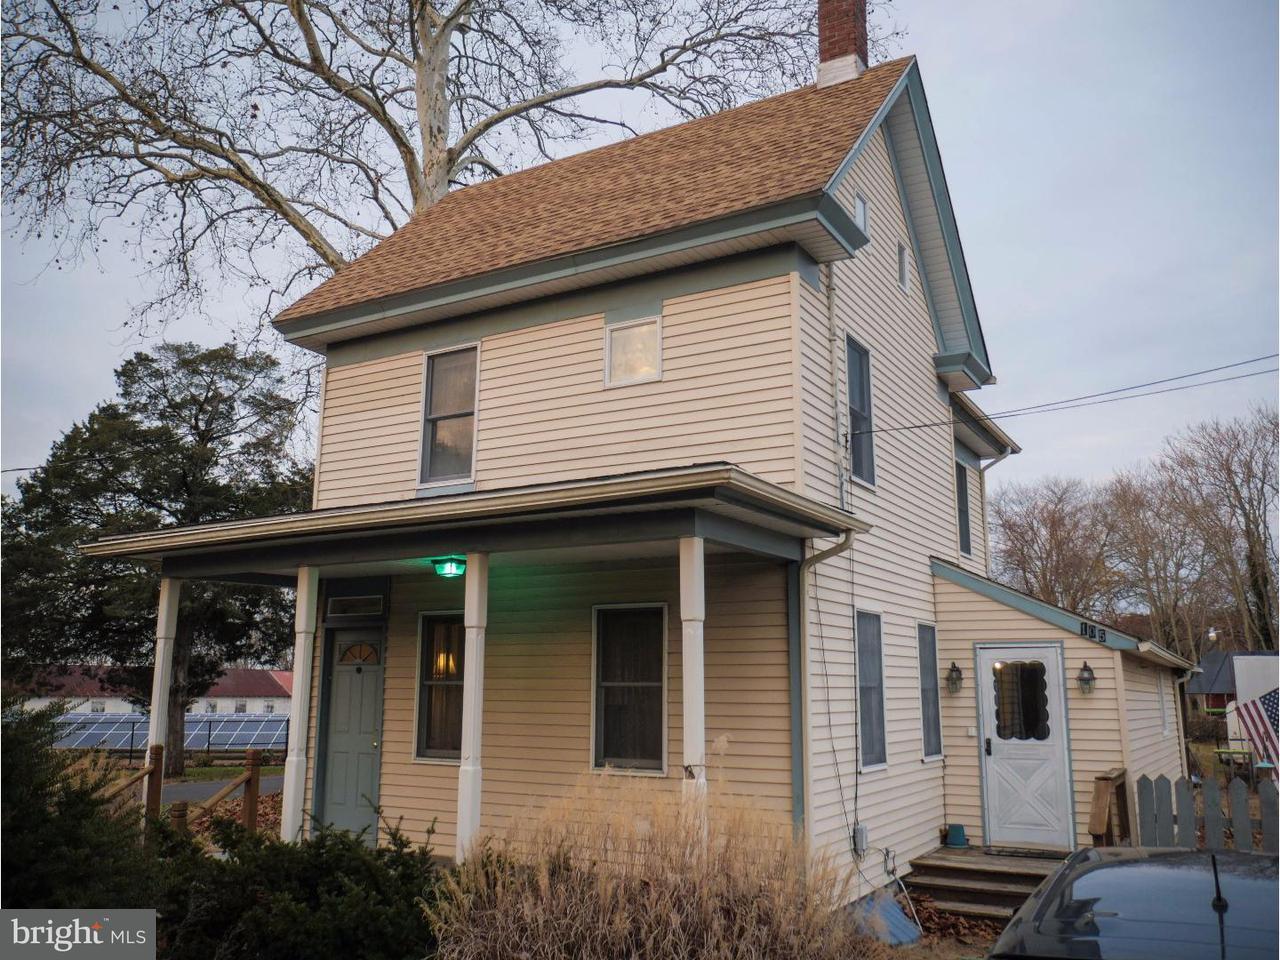 Частный односемейный дом для того Продажа на 105 CHURCH Street Dorchester, Нью-Джерси 08316 Соединенные Штаты